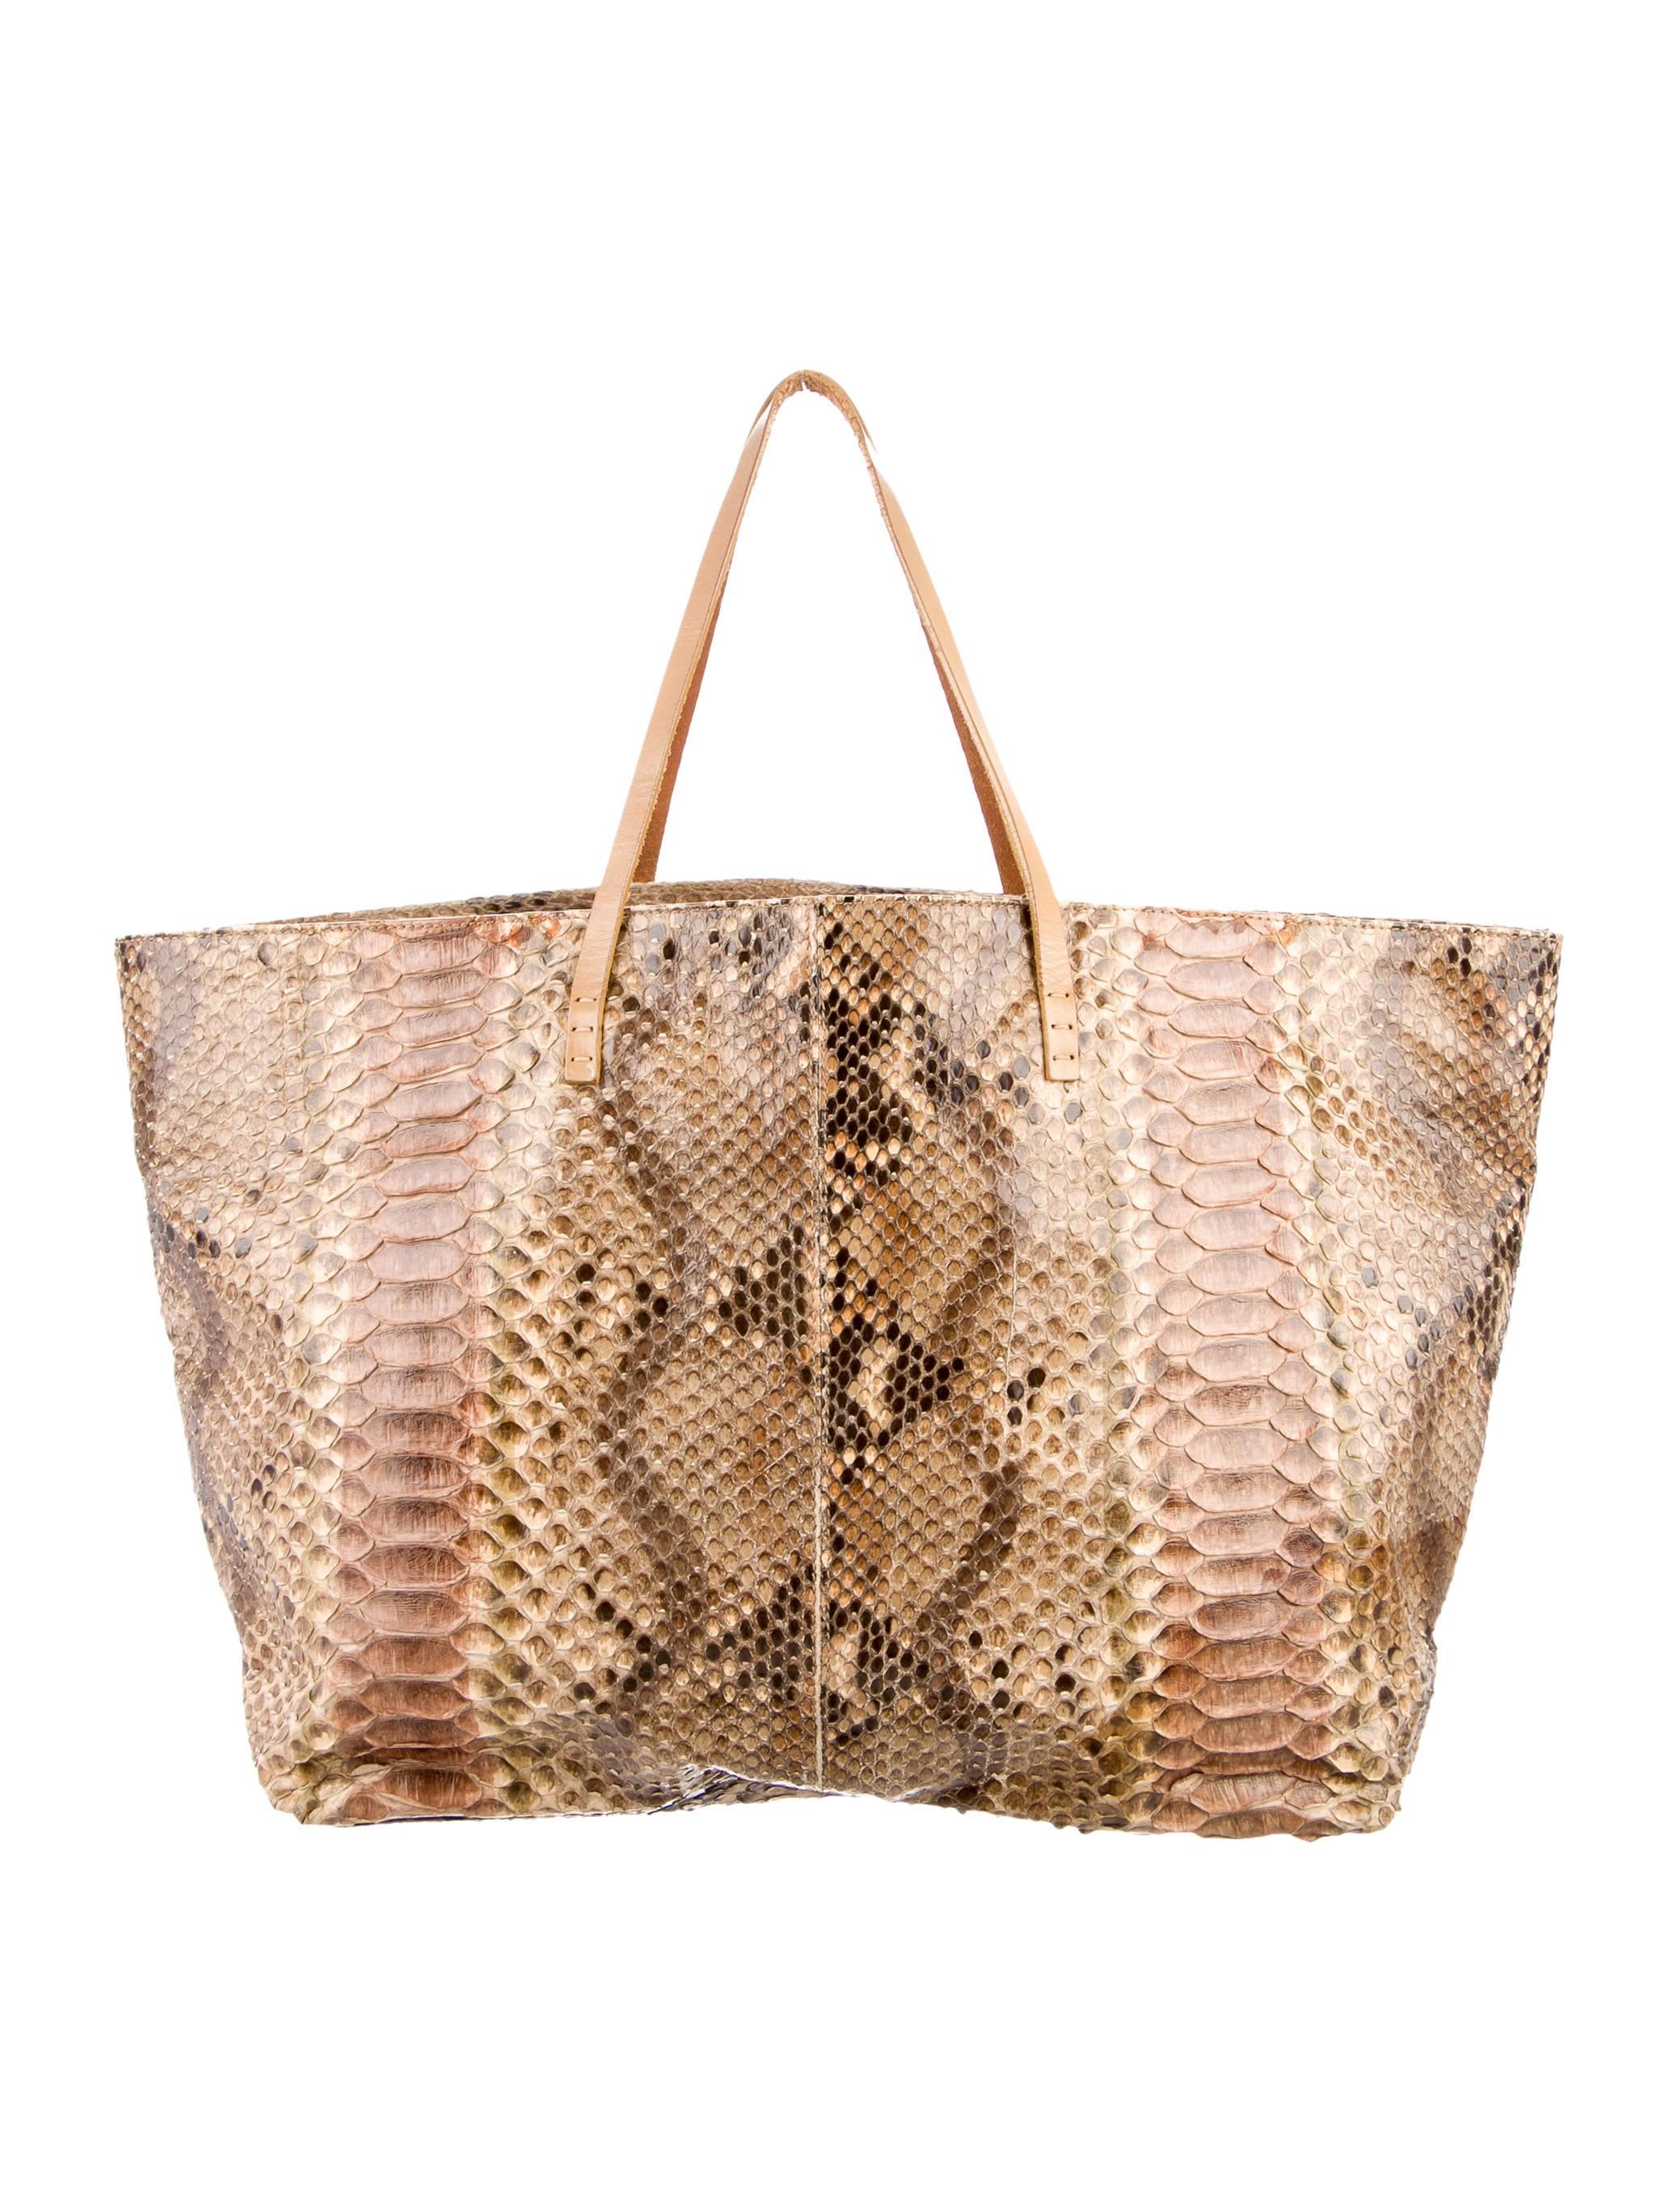 Fendi Python Matrioska tote - Handbags - FEN43963  84d15a7f9cc19